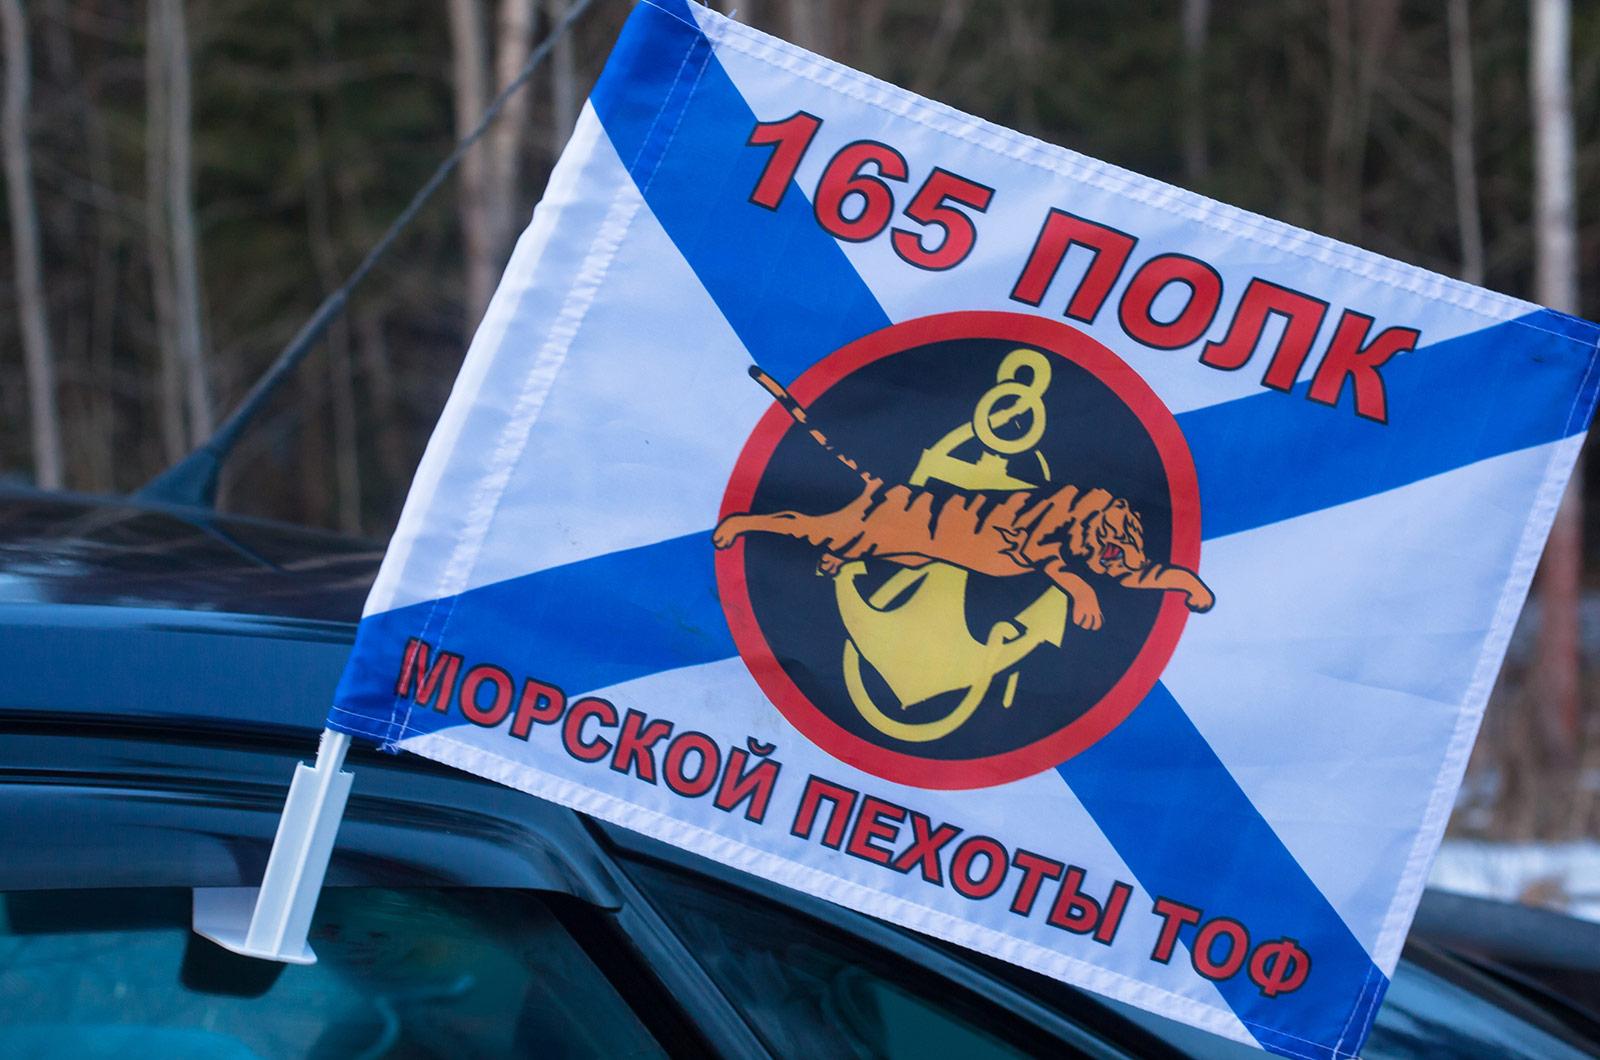 Флаг на машину «165 полк Морской пехоты ТОФ»